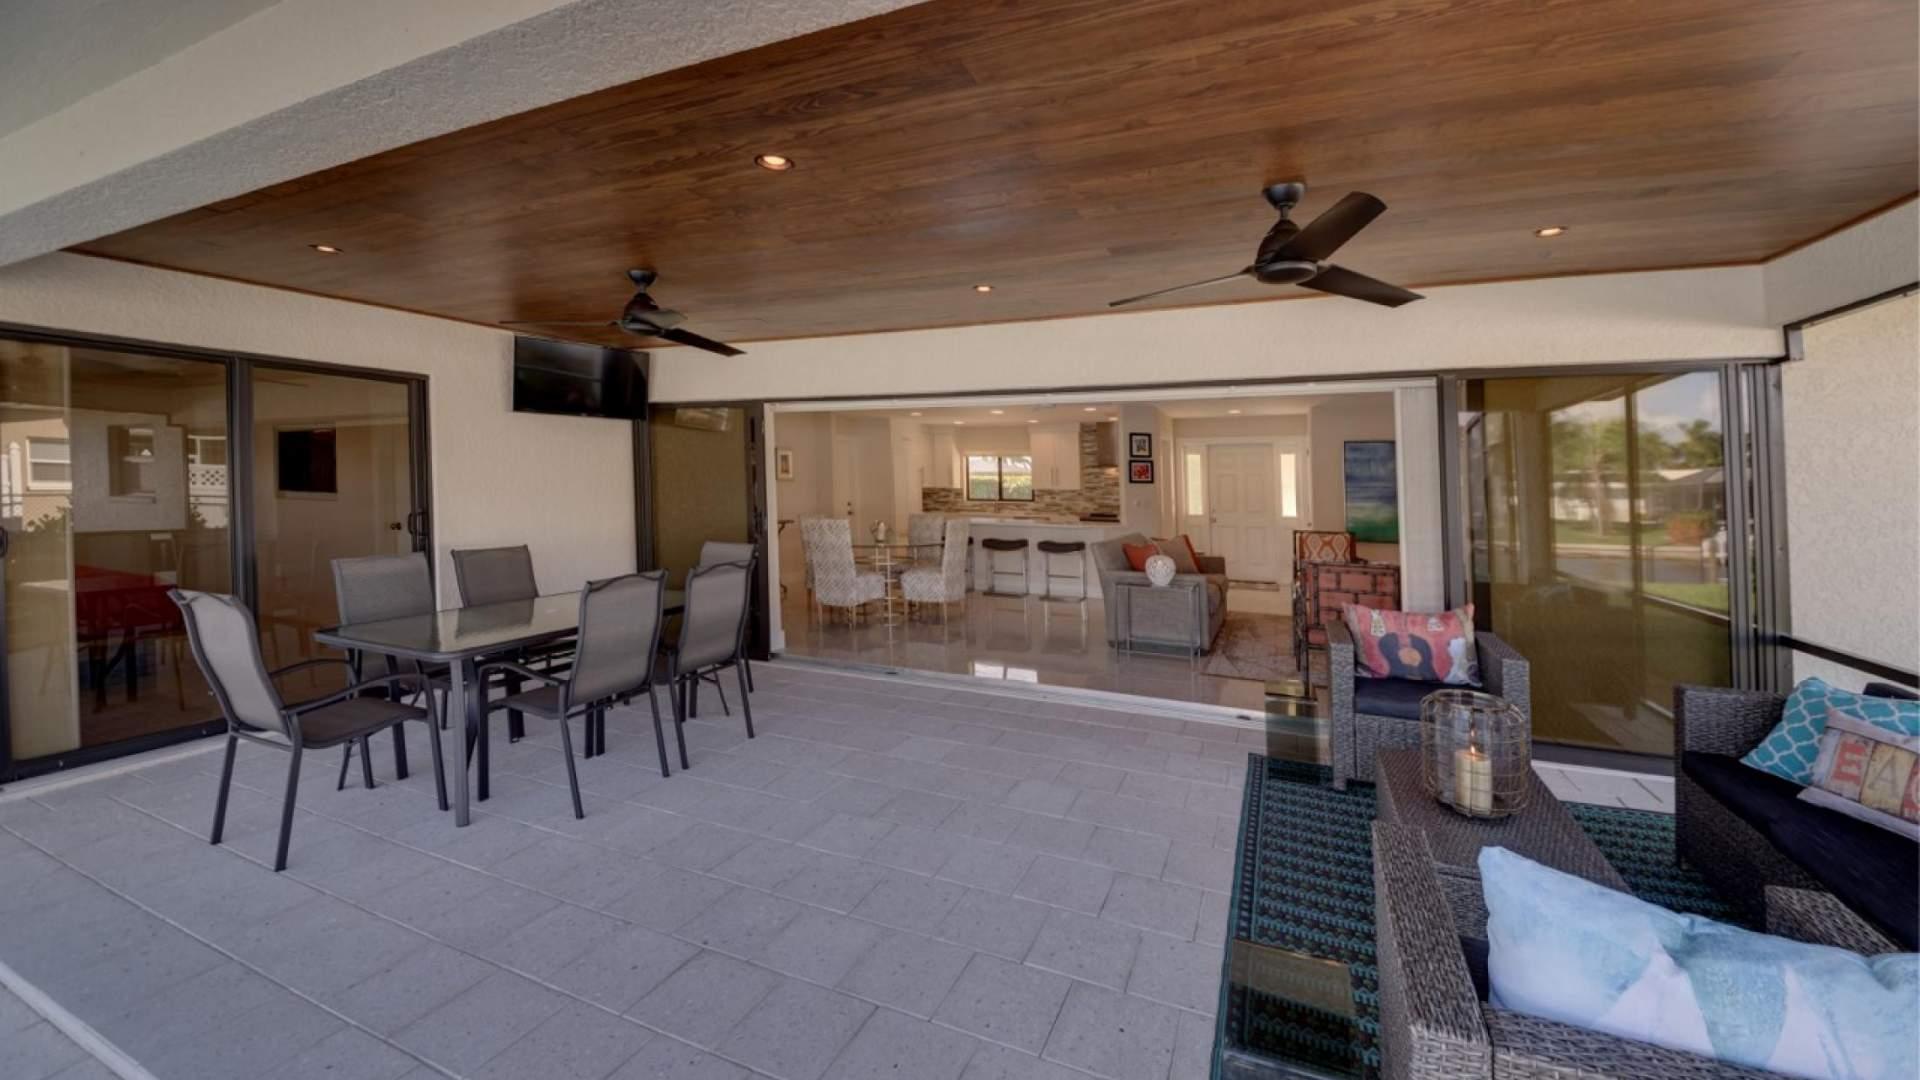 Mieten Sie in Cape Coral Ihr Ferienhaus mit Boot Traum Urlaub Florida